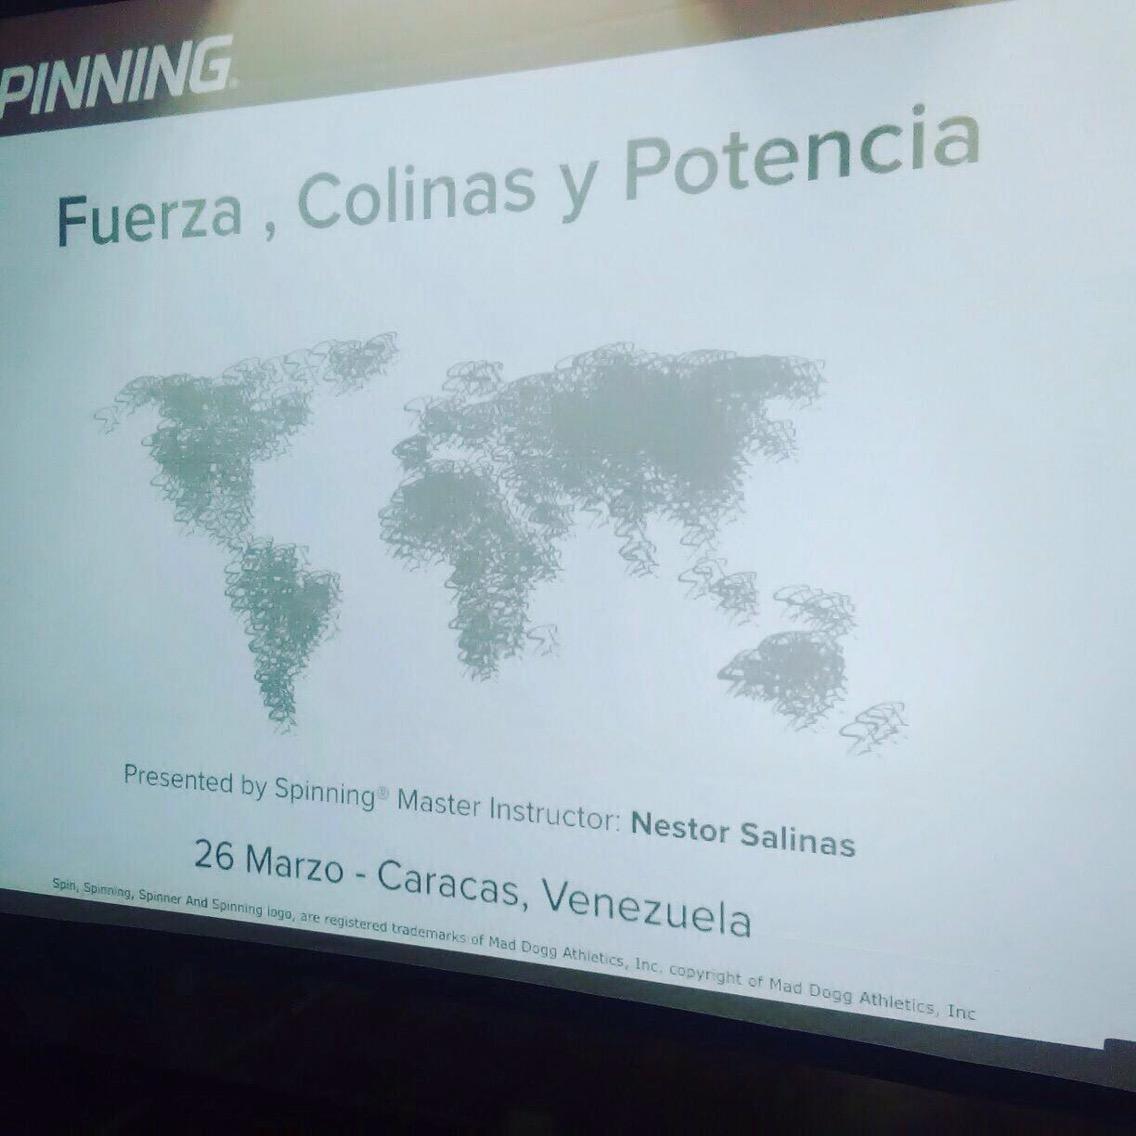 TALLER DE EDUCACIÓN CONTINÚA DE FUERZA COLINAS Y POTENCIA Presentador M.I. Nestor Saliñas (Chile)